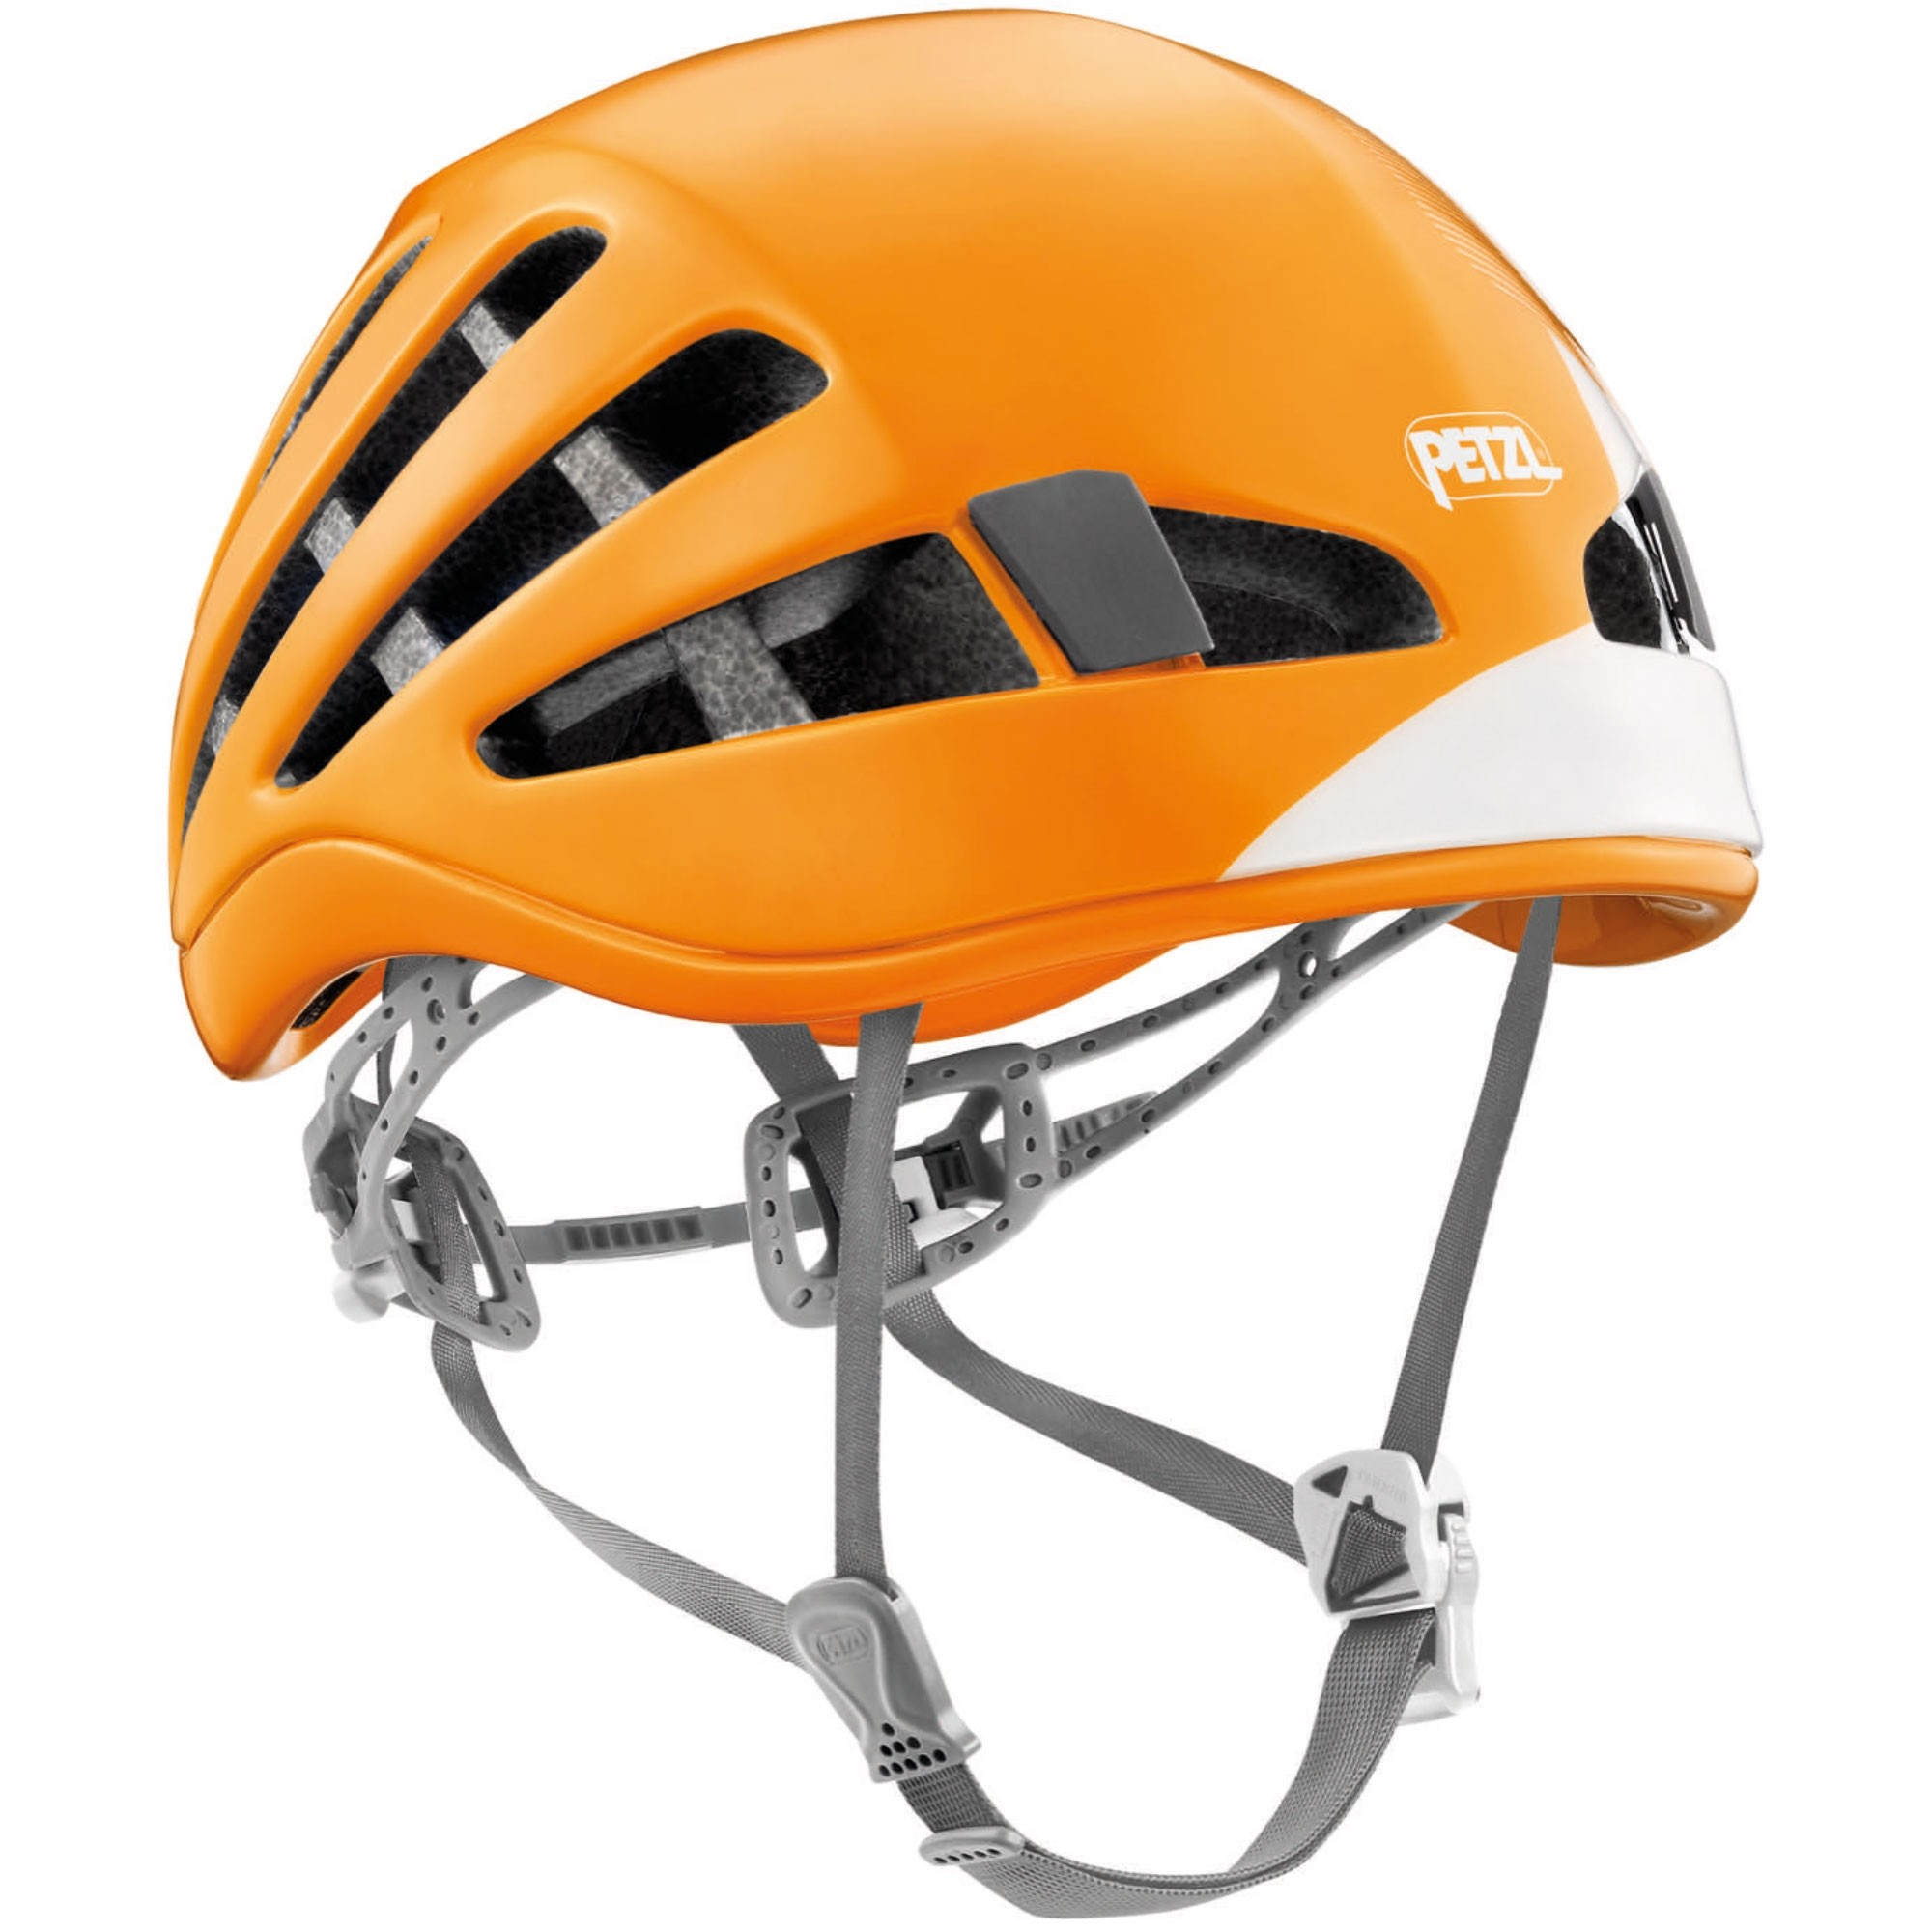 Petzl Meteor Climbing Helmet - Orange